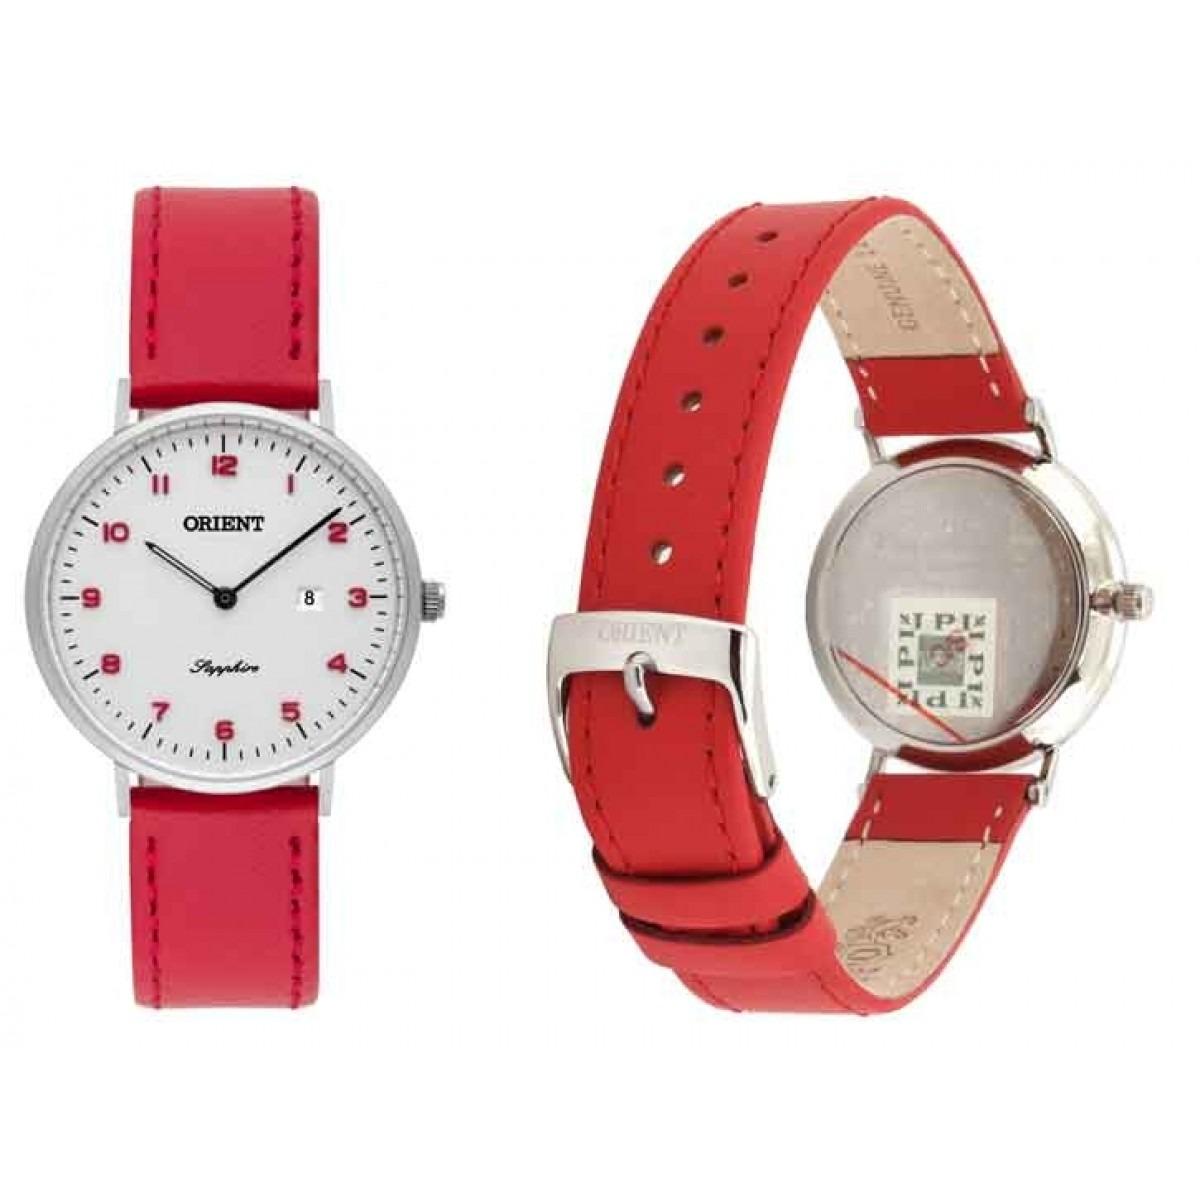 04a46e2fe78 Carregando zoom... relogio feminino slim pulseira de couro vermelha orient